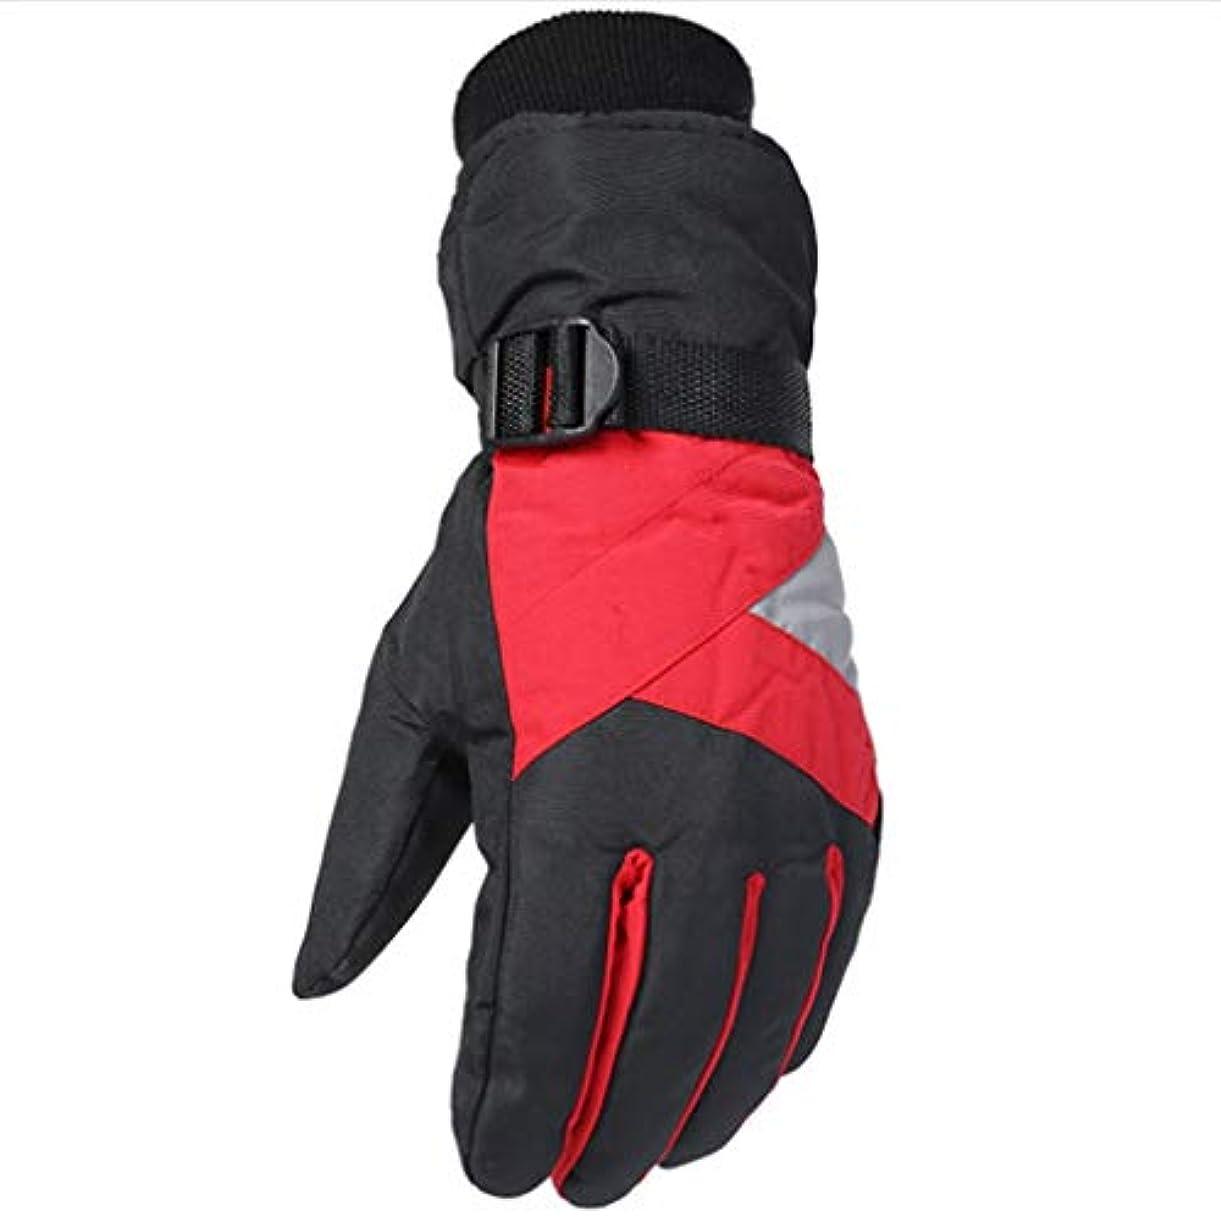 カンガルー穴出くわす手袋の男性の冬プラスベルベット厚手の暖かいスキーグローブは、凍結防止の登山手袋を運転する (色 : Red)